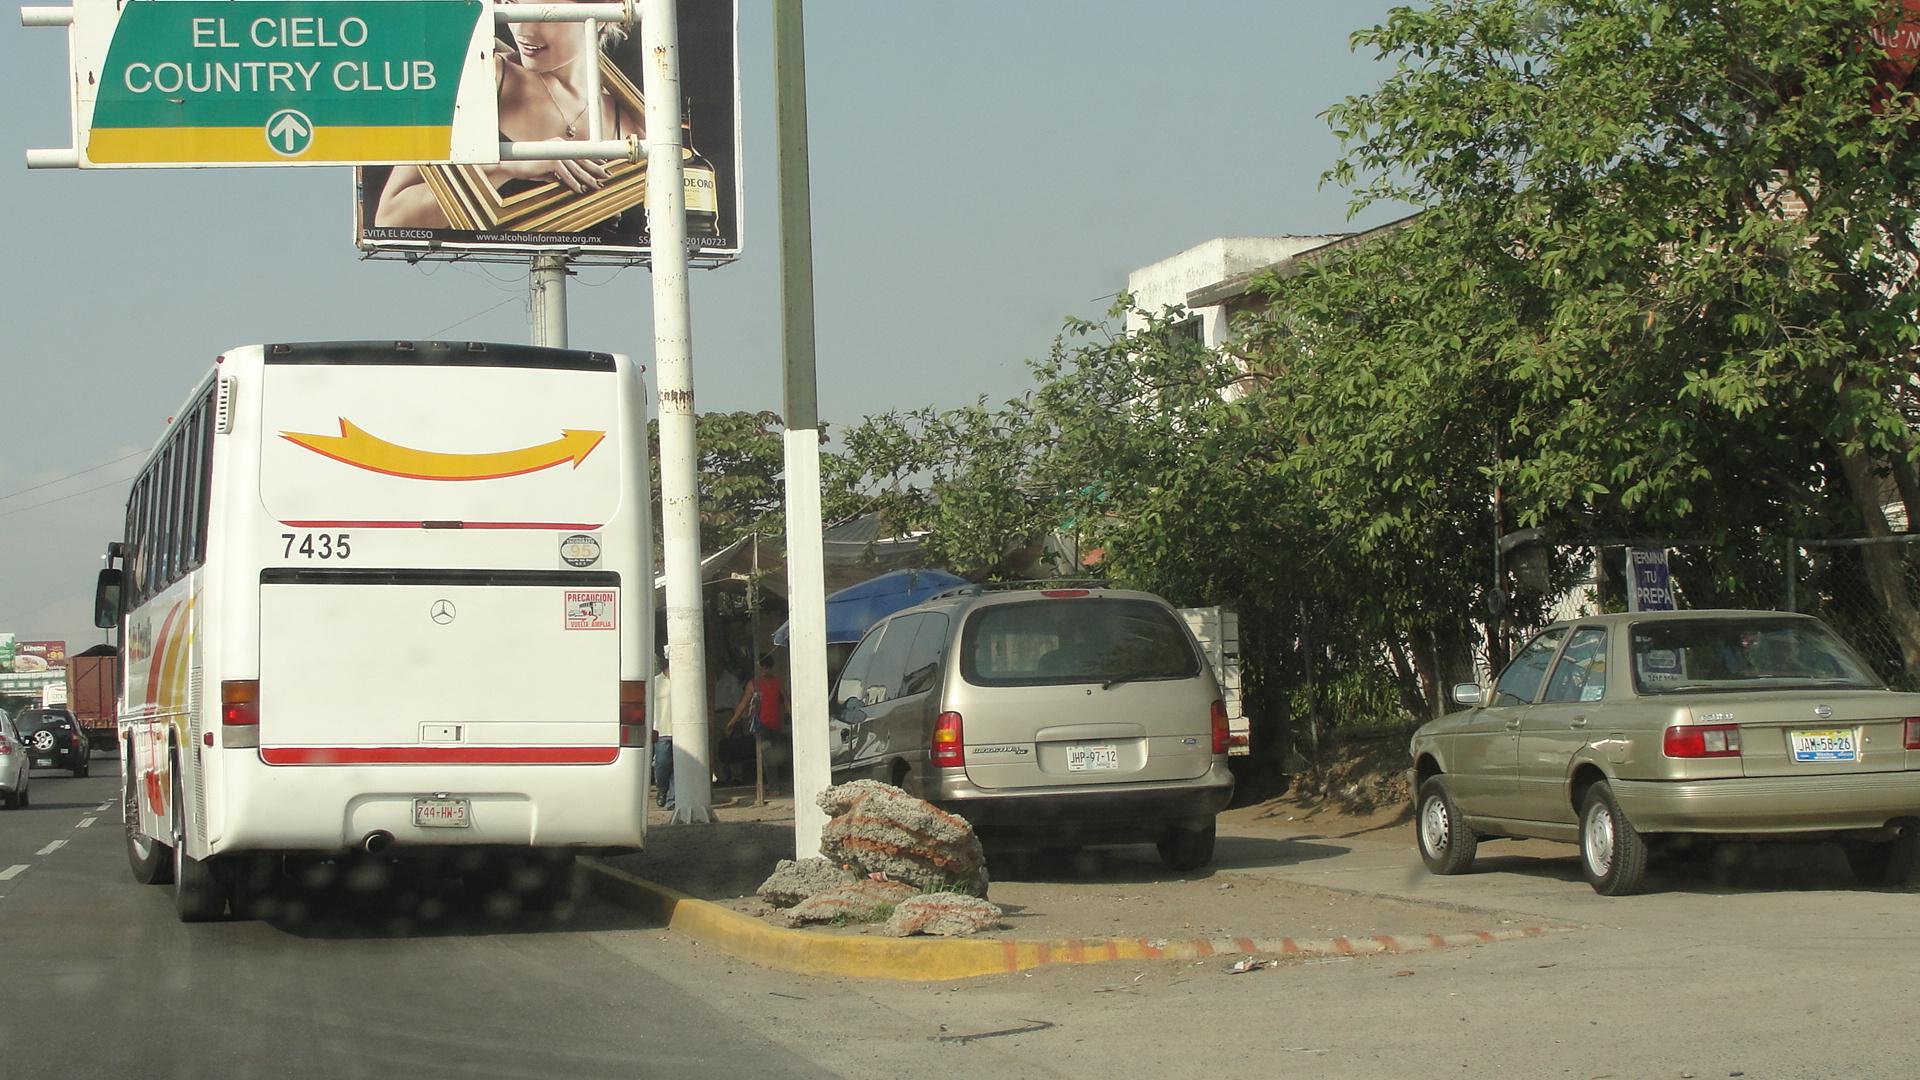 Avenida con señalización vial